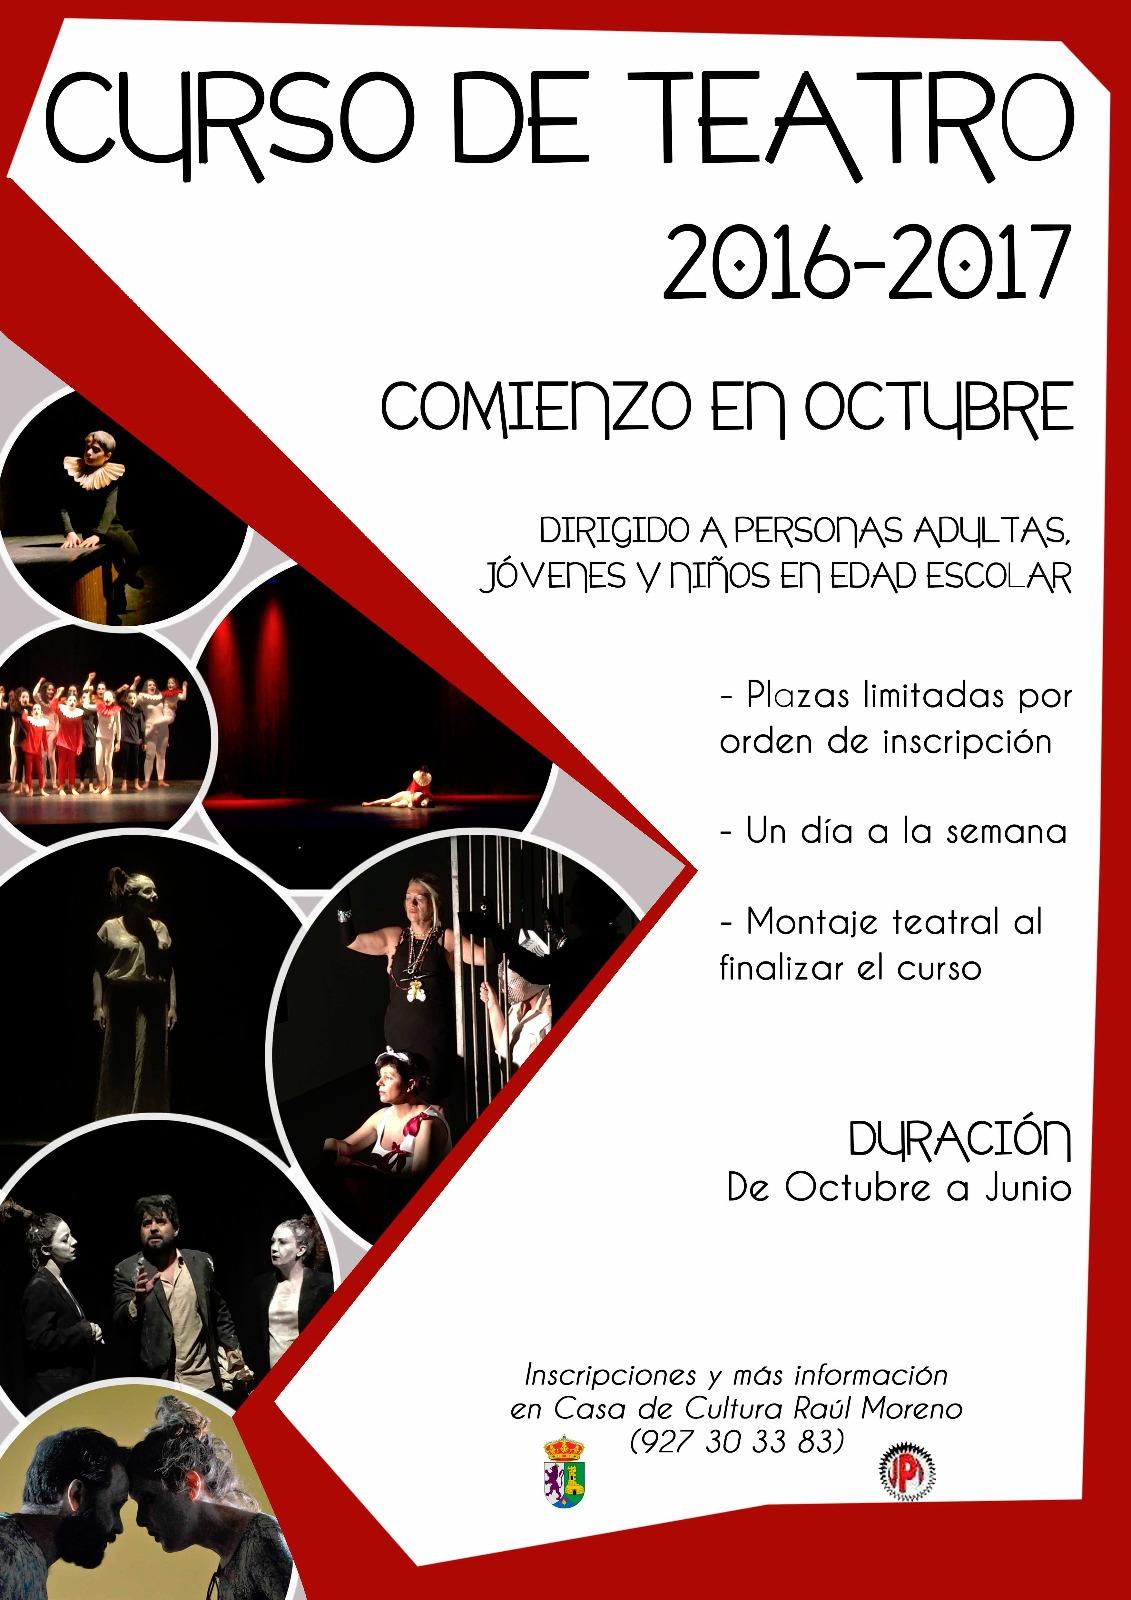 Curso de Teatro de 2016-2017